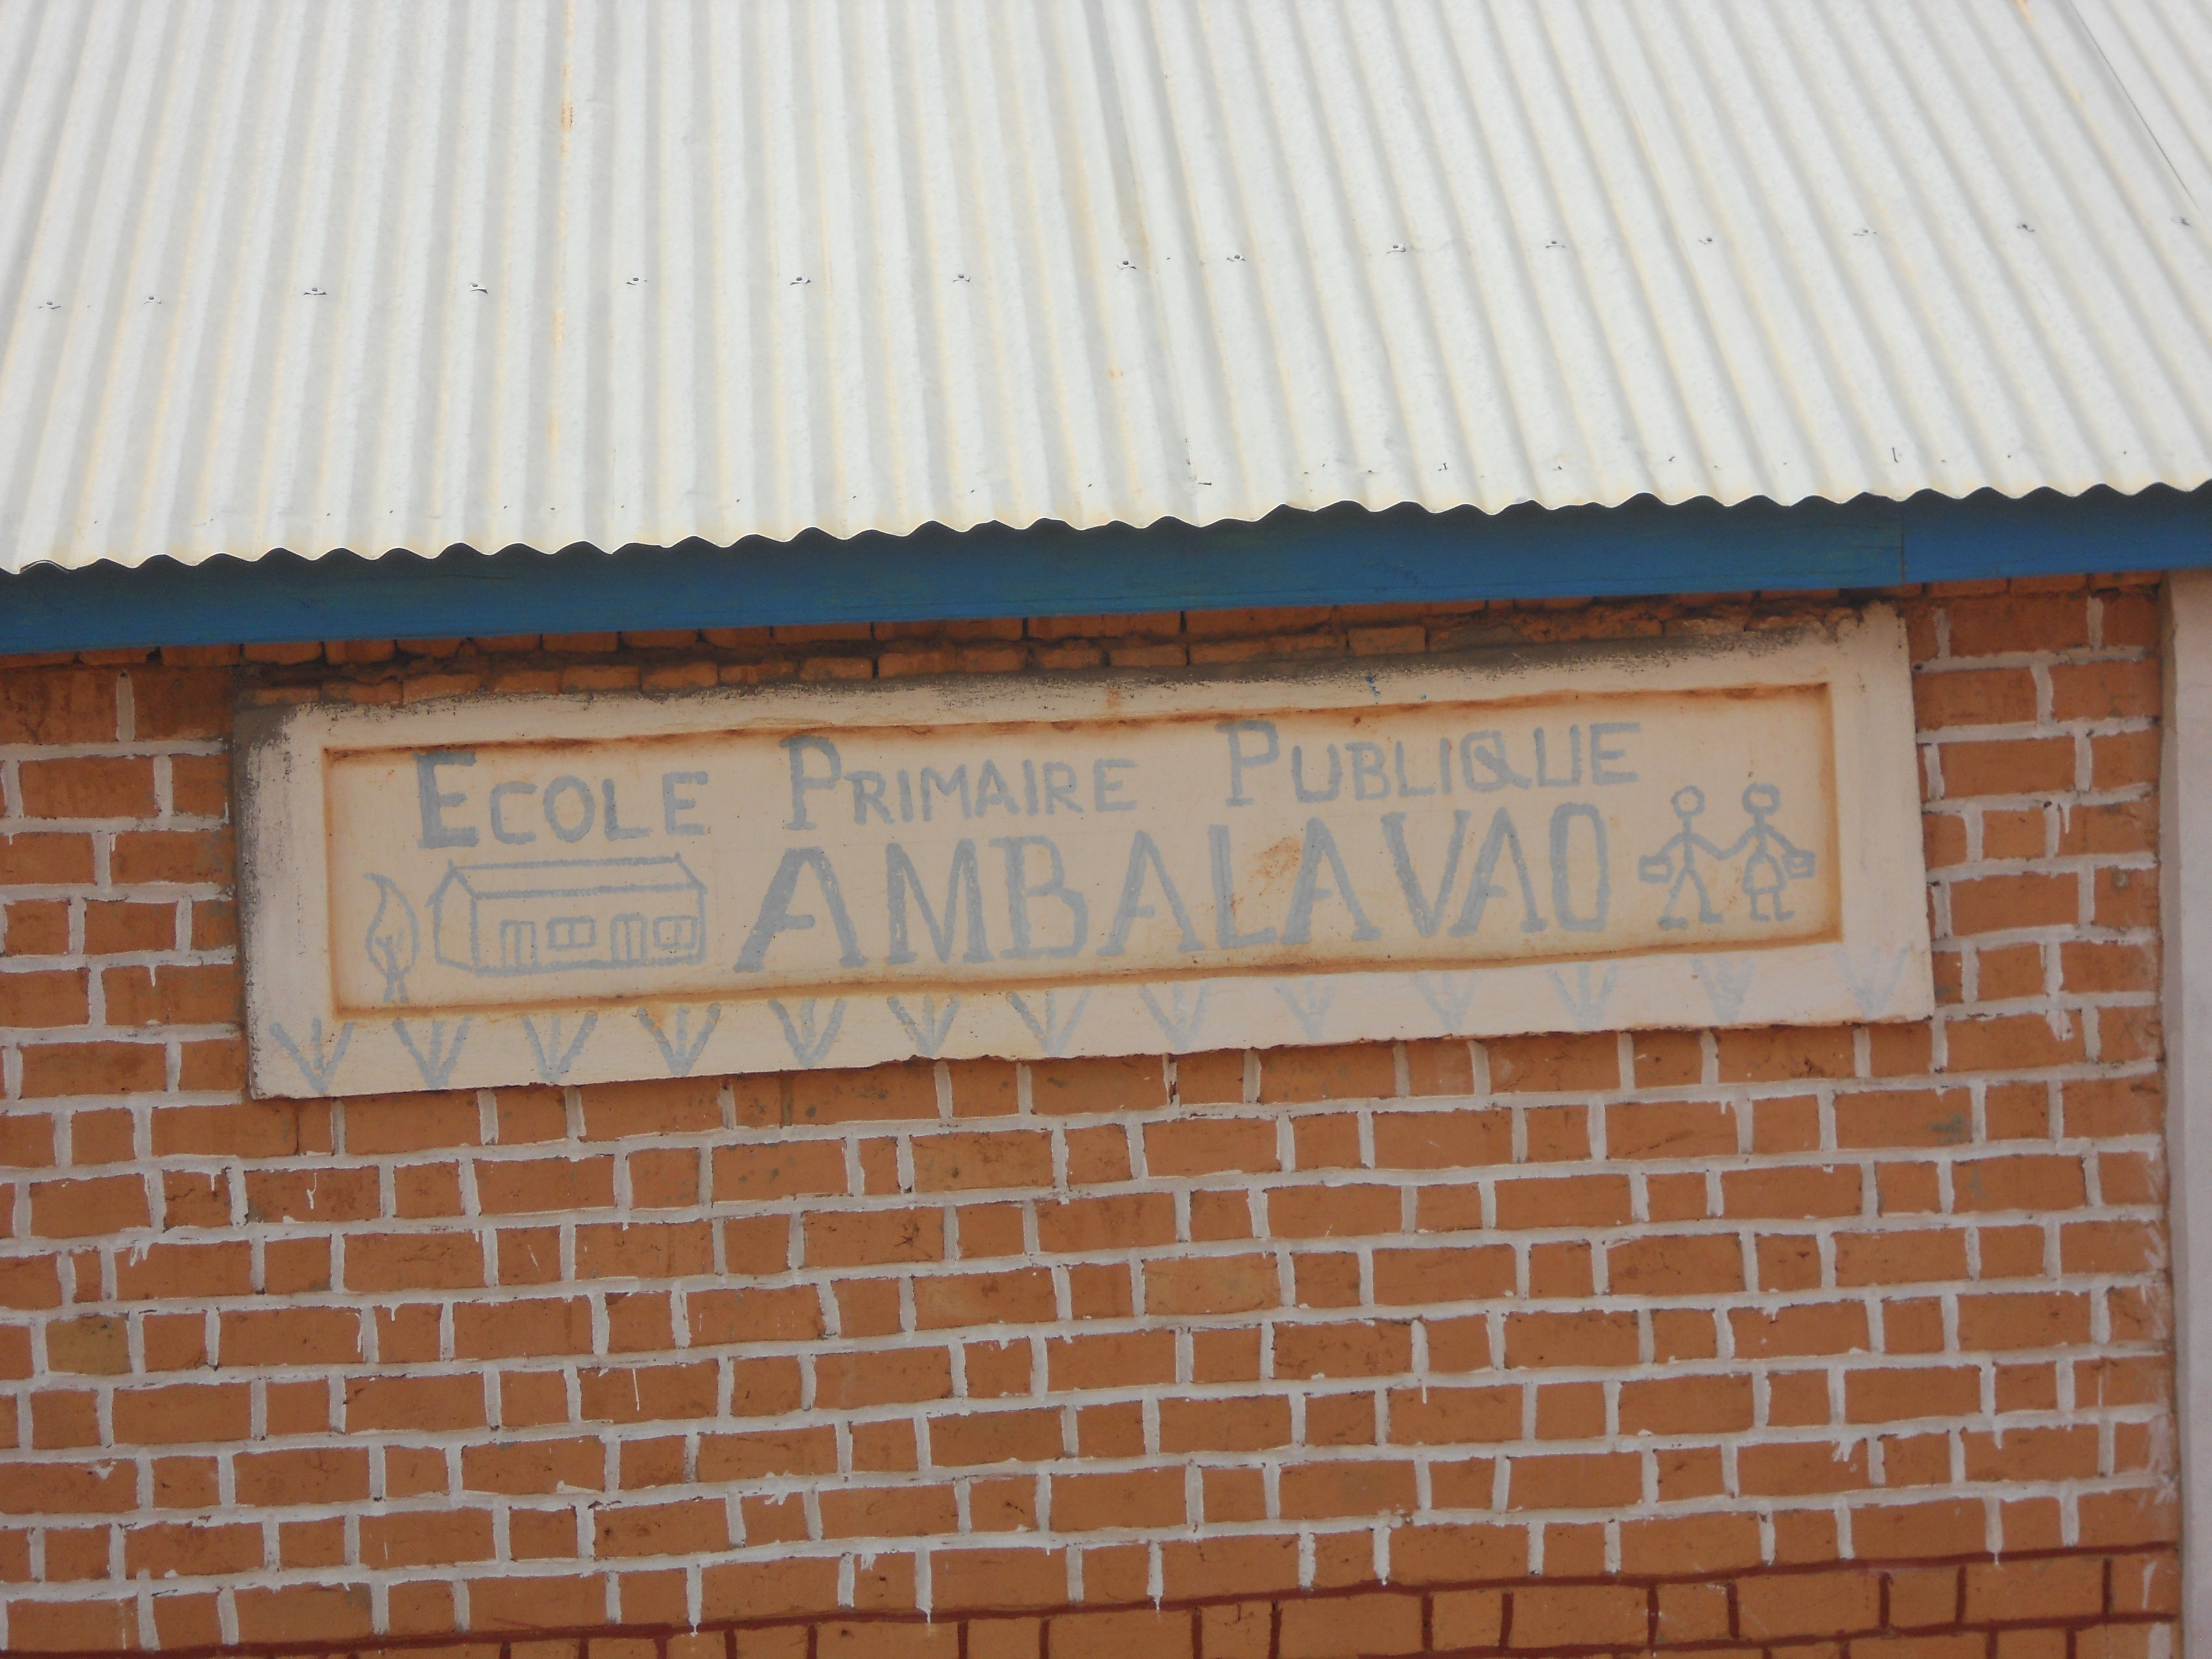 EPP Ambalavao